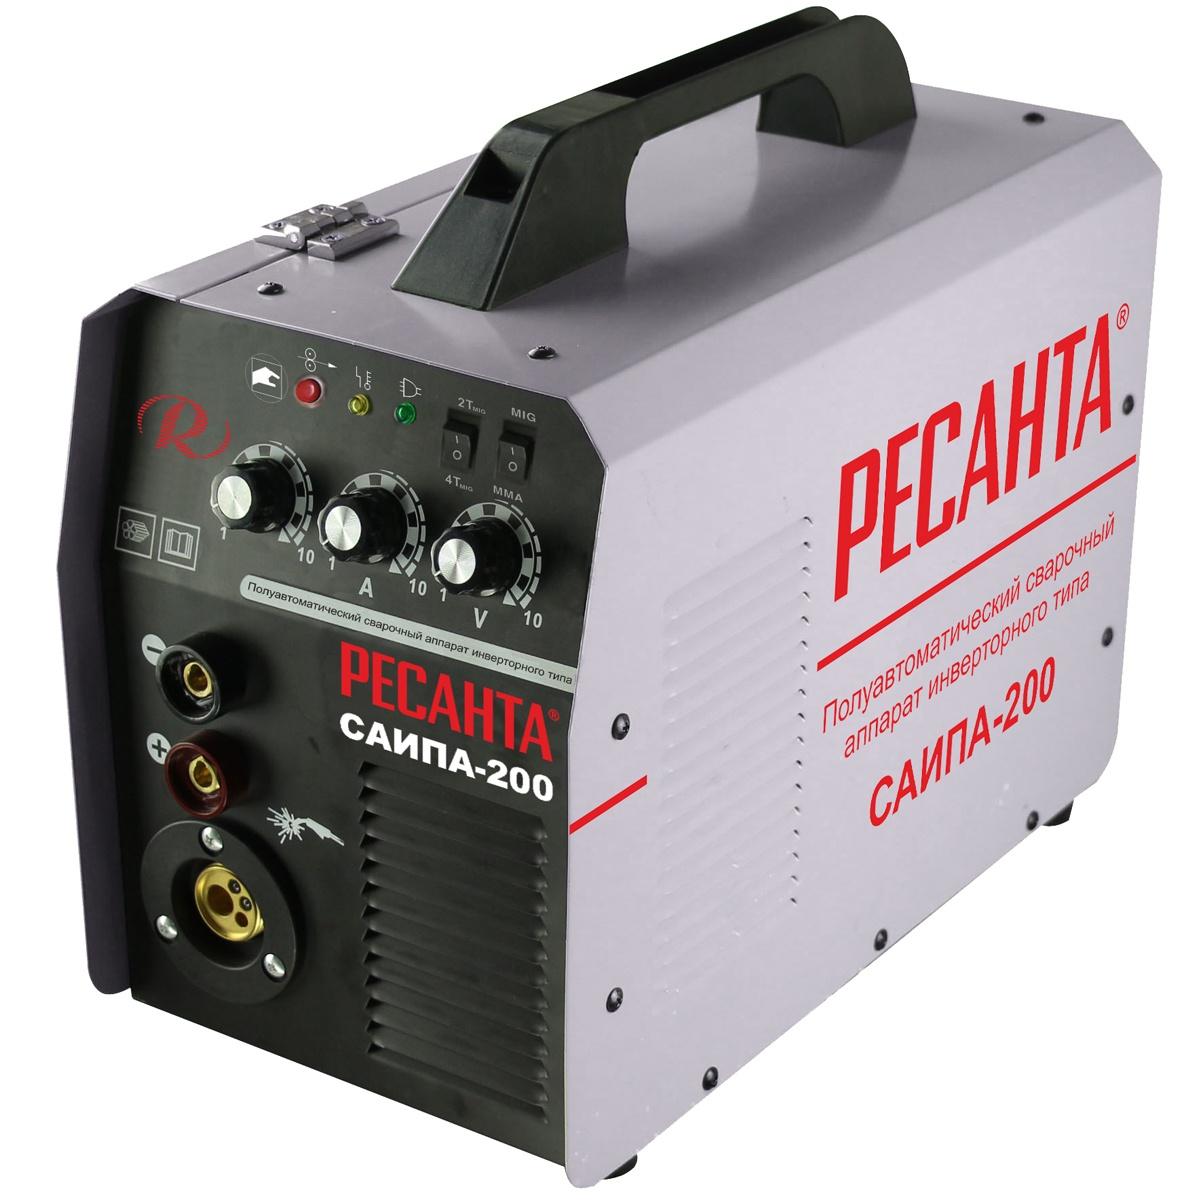 Сварочный аппарат РЕСАНТА САИПА-200 аппарат сварочный ресанта саи140 инверторный 65 5